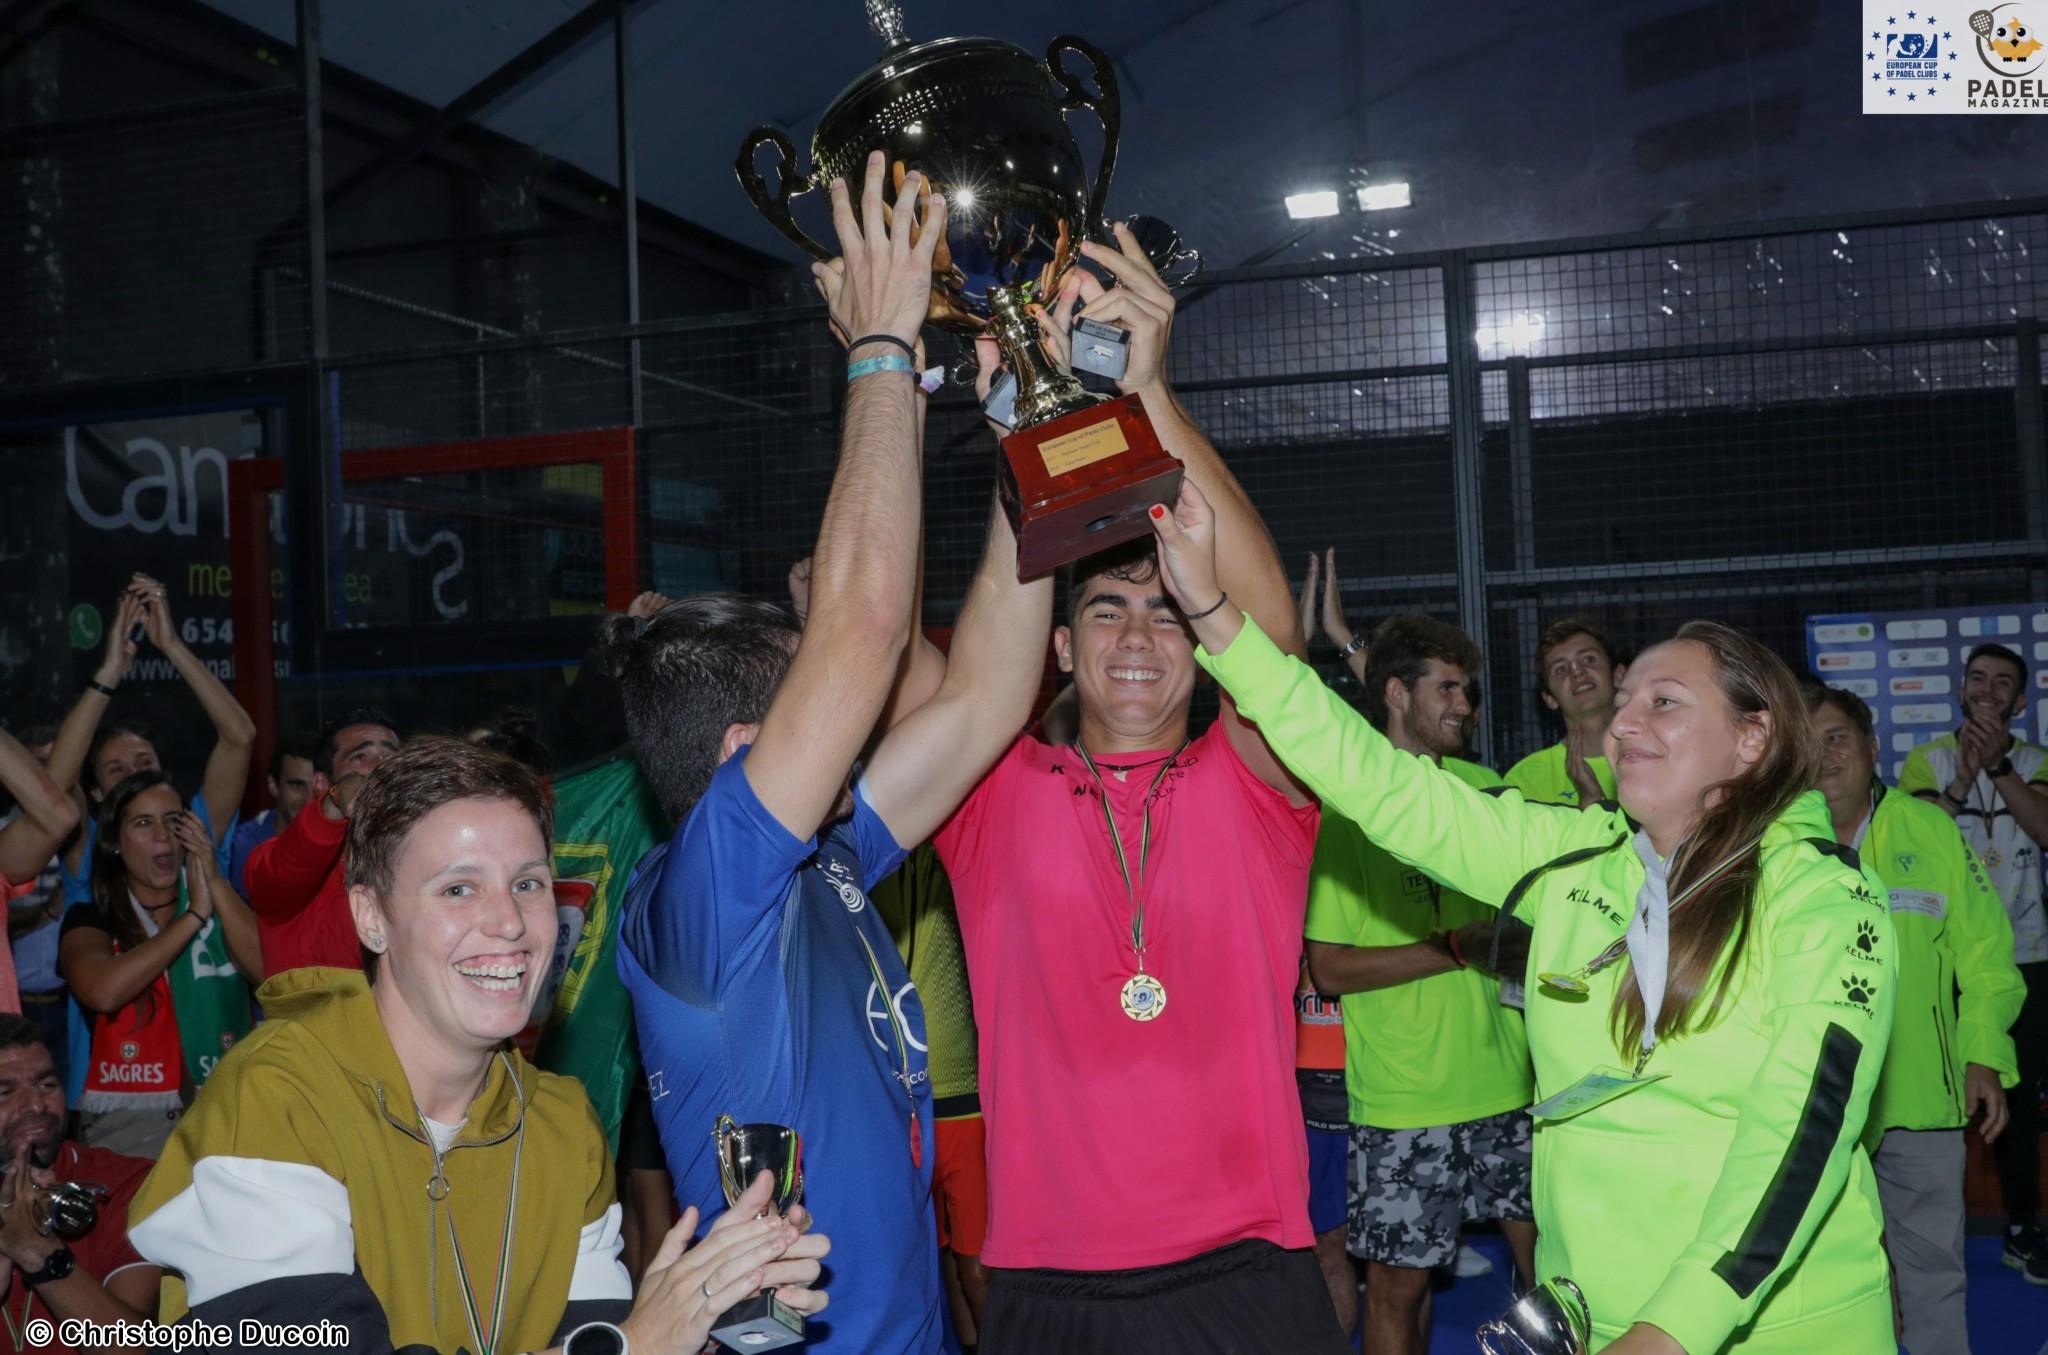 KELME ROMA SPORT vince la 3a edizione dell'Euro Padel Coppa